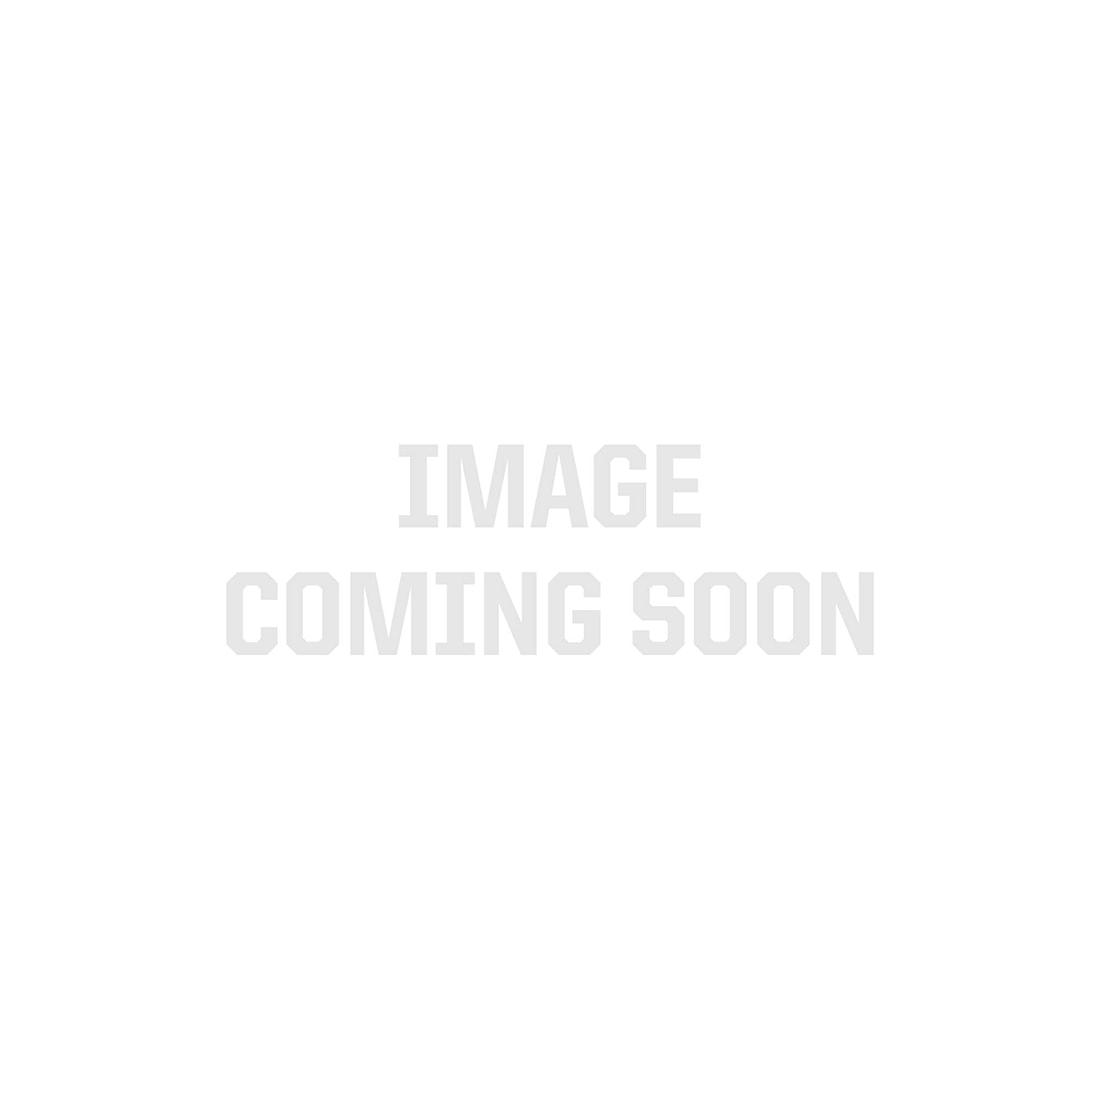 S14 Glass LED Christmas Light Bulb, E26 (Medium) Base, 0.7 watt (Cool White)